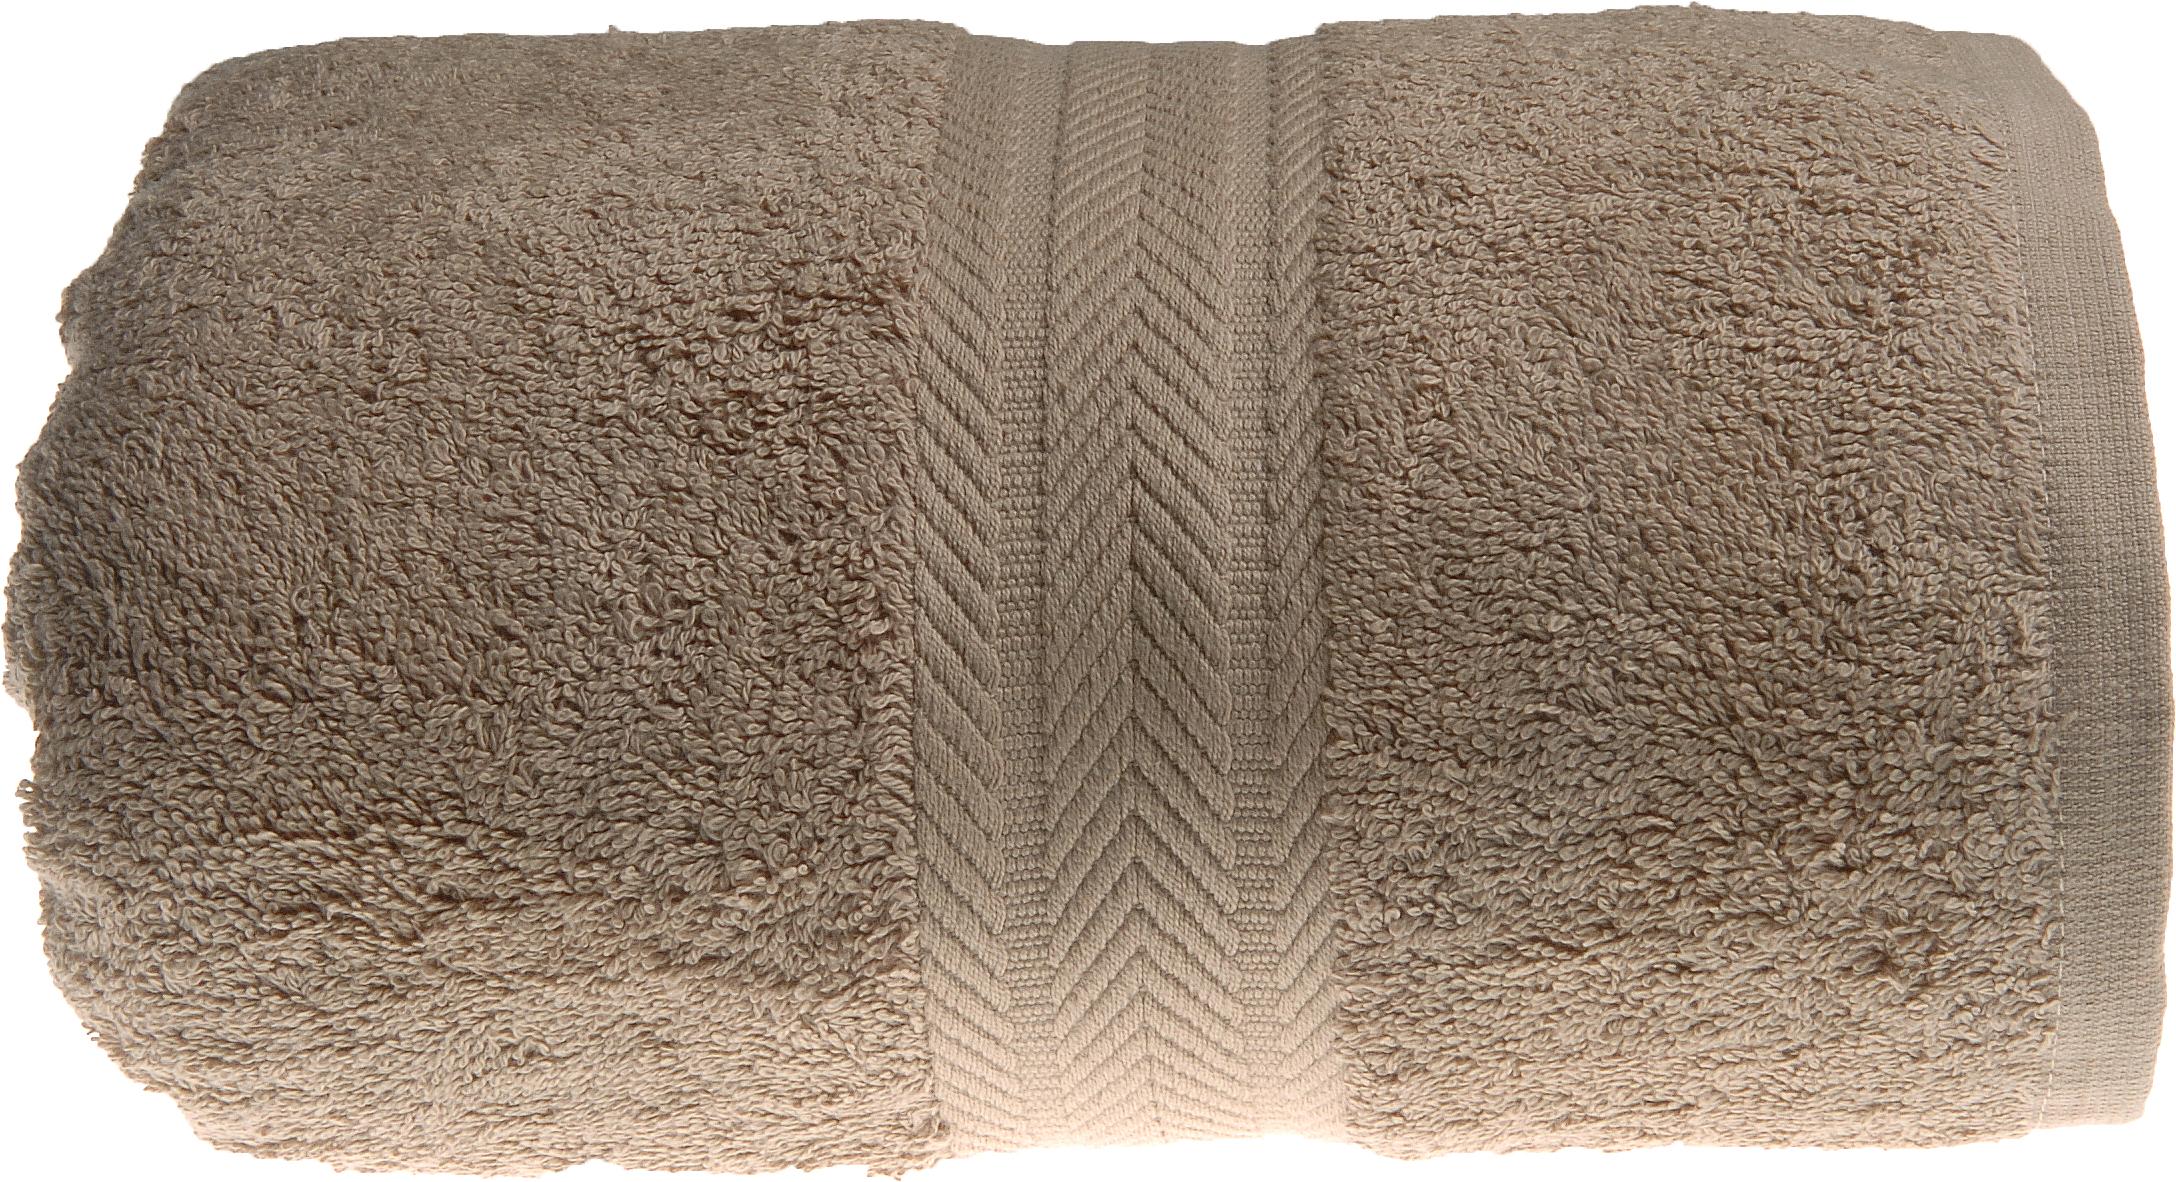 Drap de douche 70 x 140 cm en Coton couleur Taupe (Taupe)